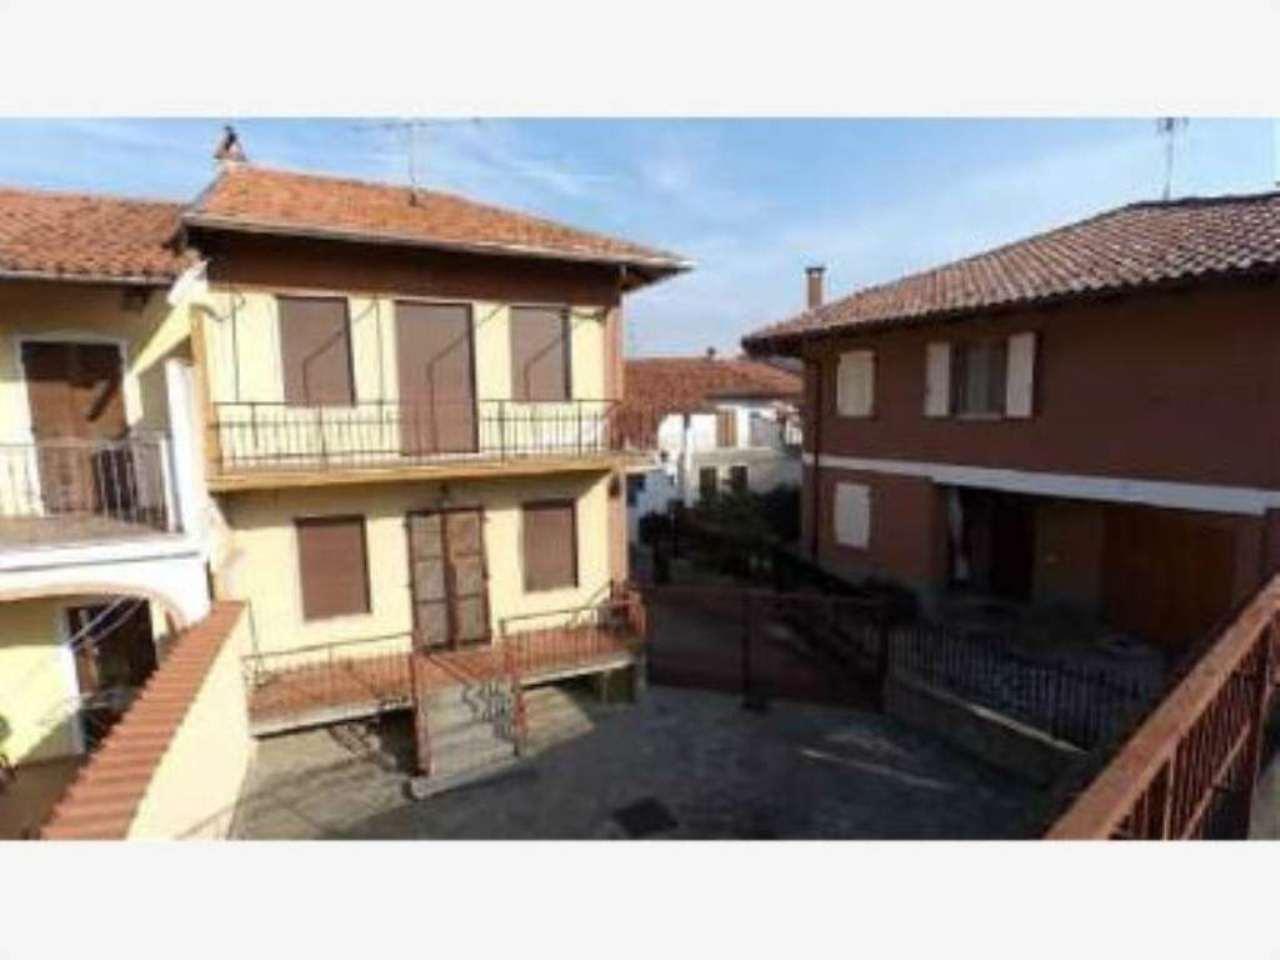 Soluzione Indipendente in vendita a Moncrivello, 4 locali, prezzo € 119.000 | Cambio Casa.it